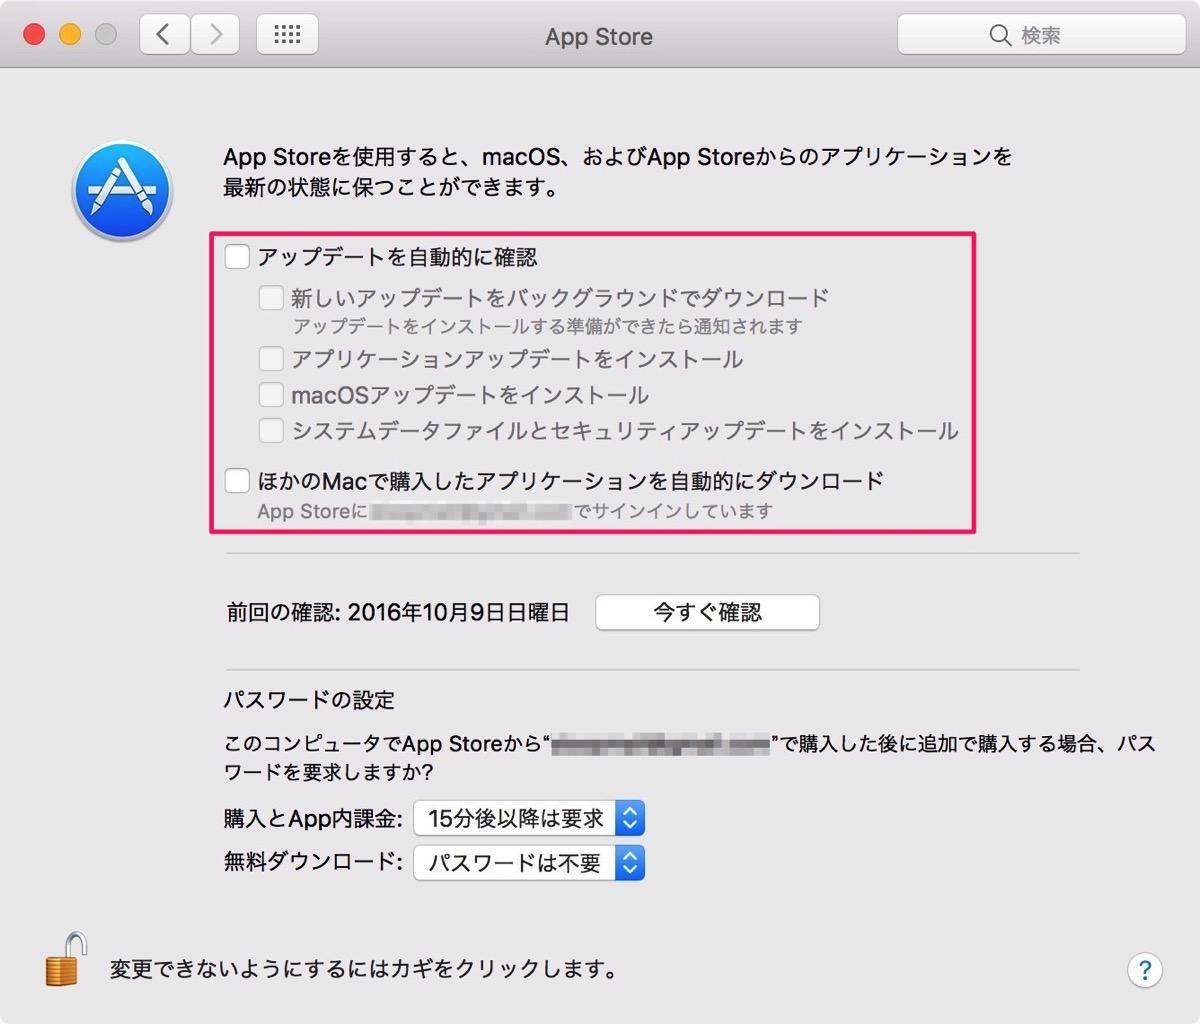 App Storeのアップデートを自動的に確認。他のMacで購入したアプリケーションを自動的にダウンロード